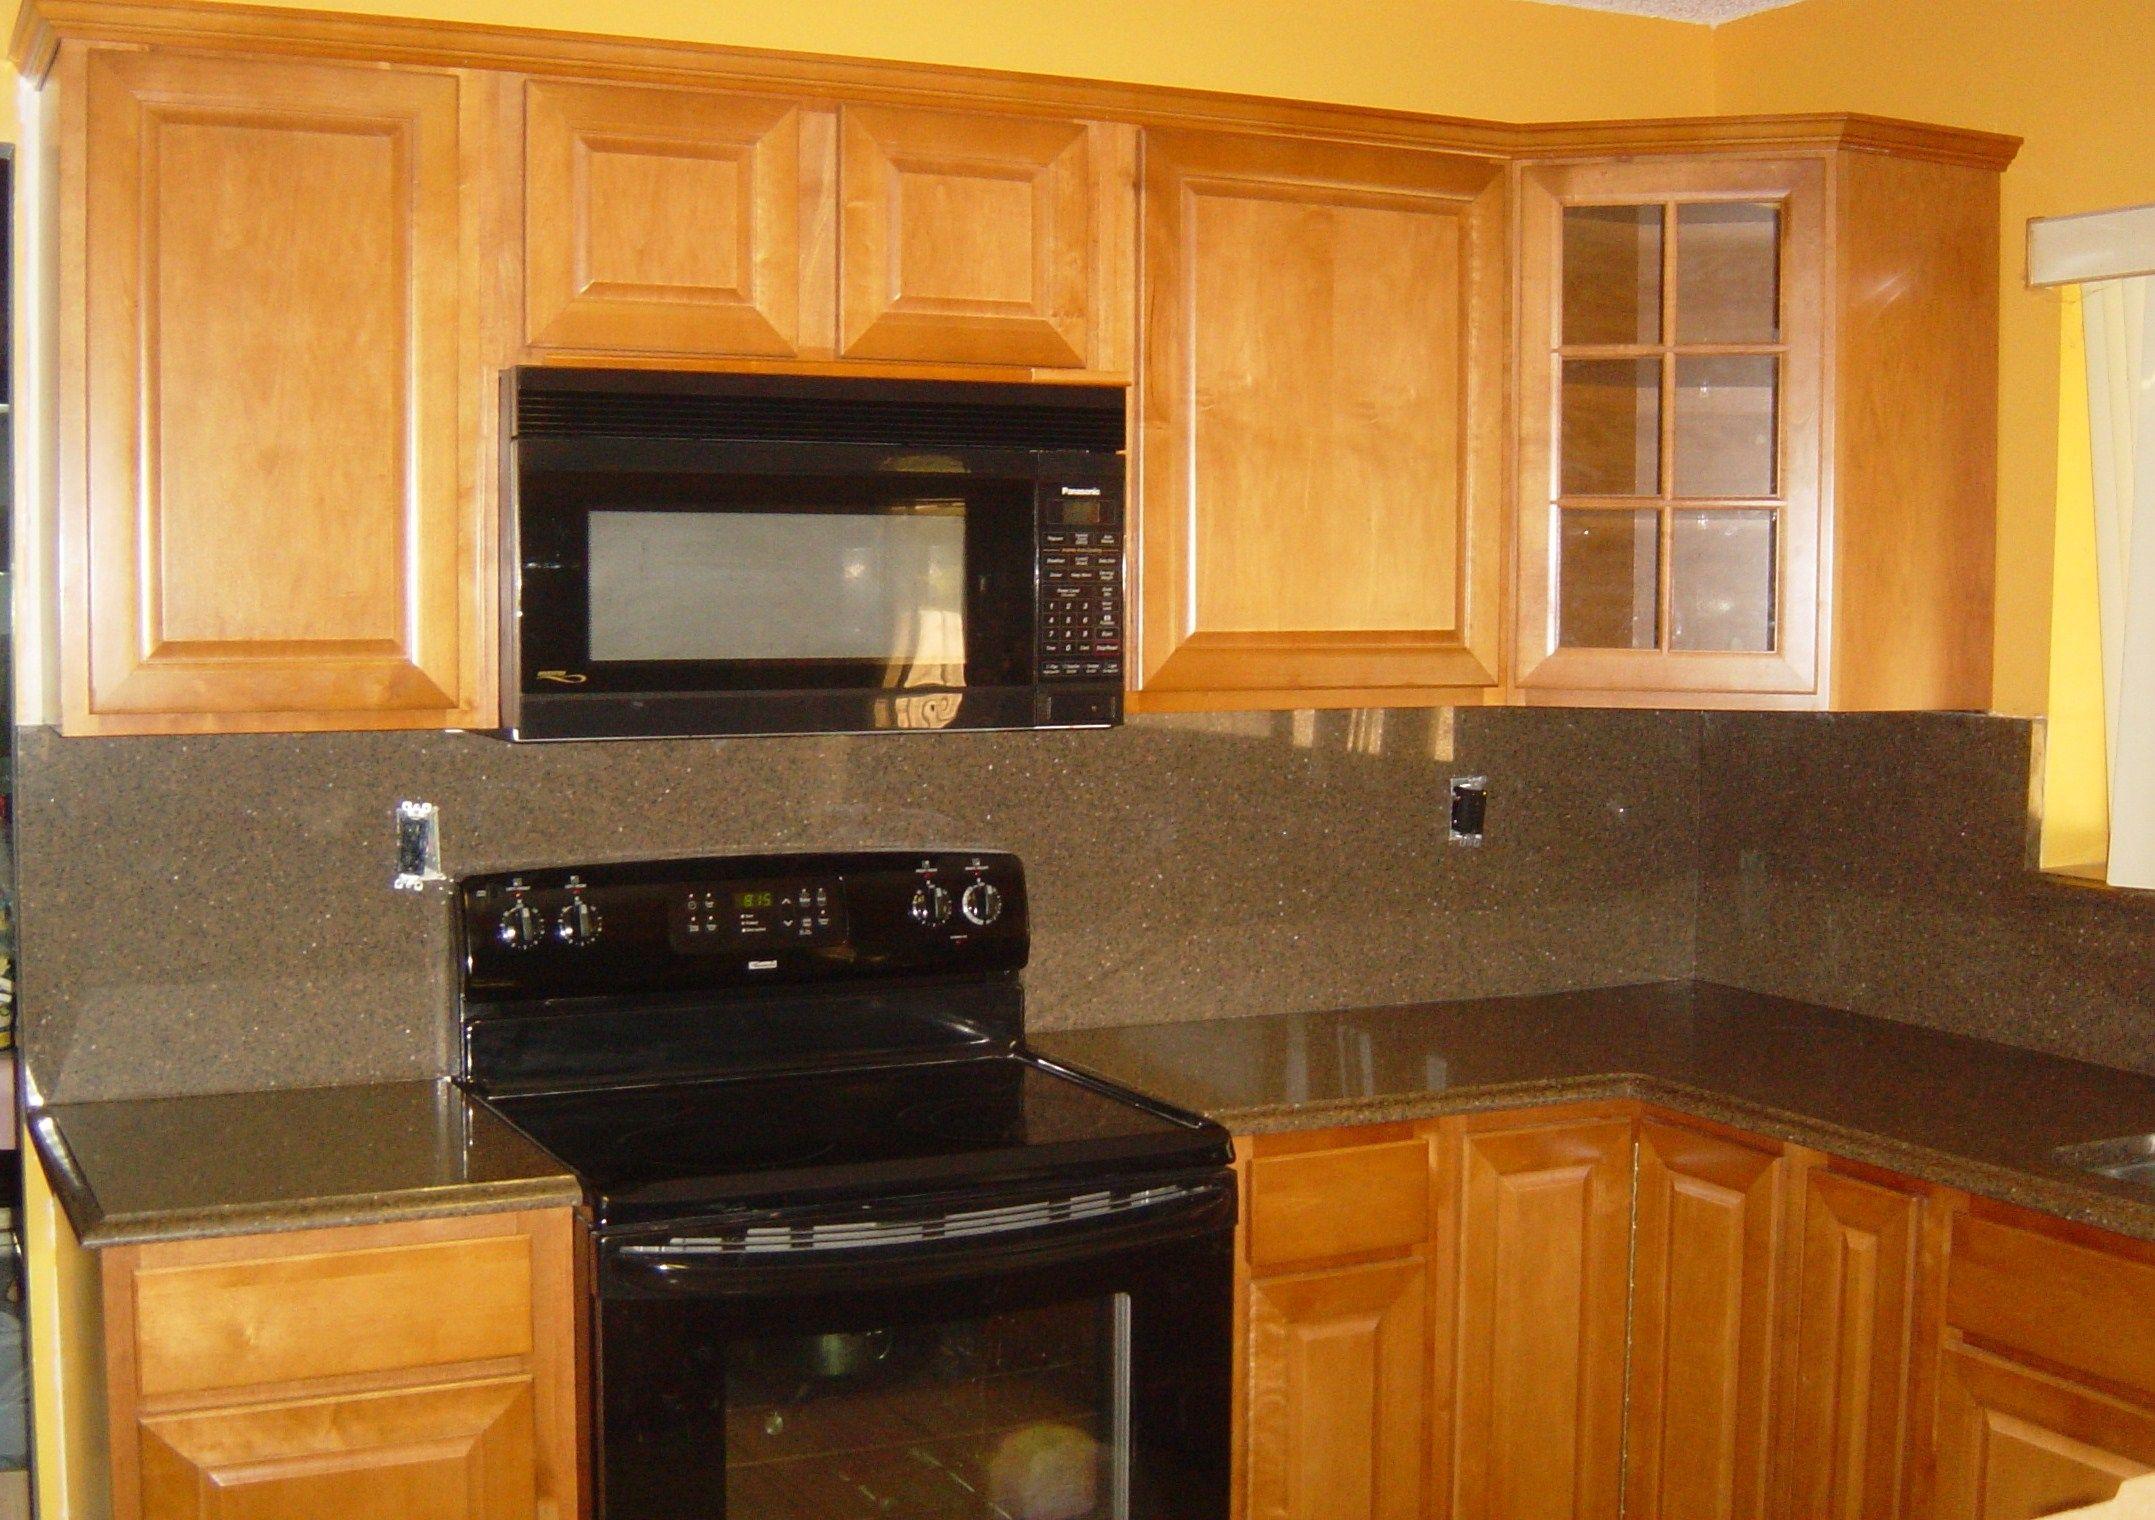 Superb Kitchen Wood Cabinet Degreaser